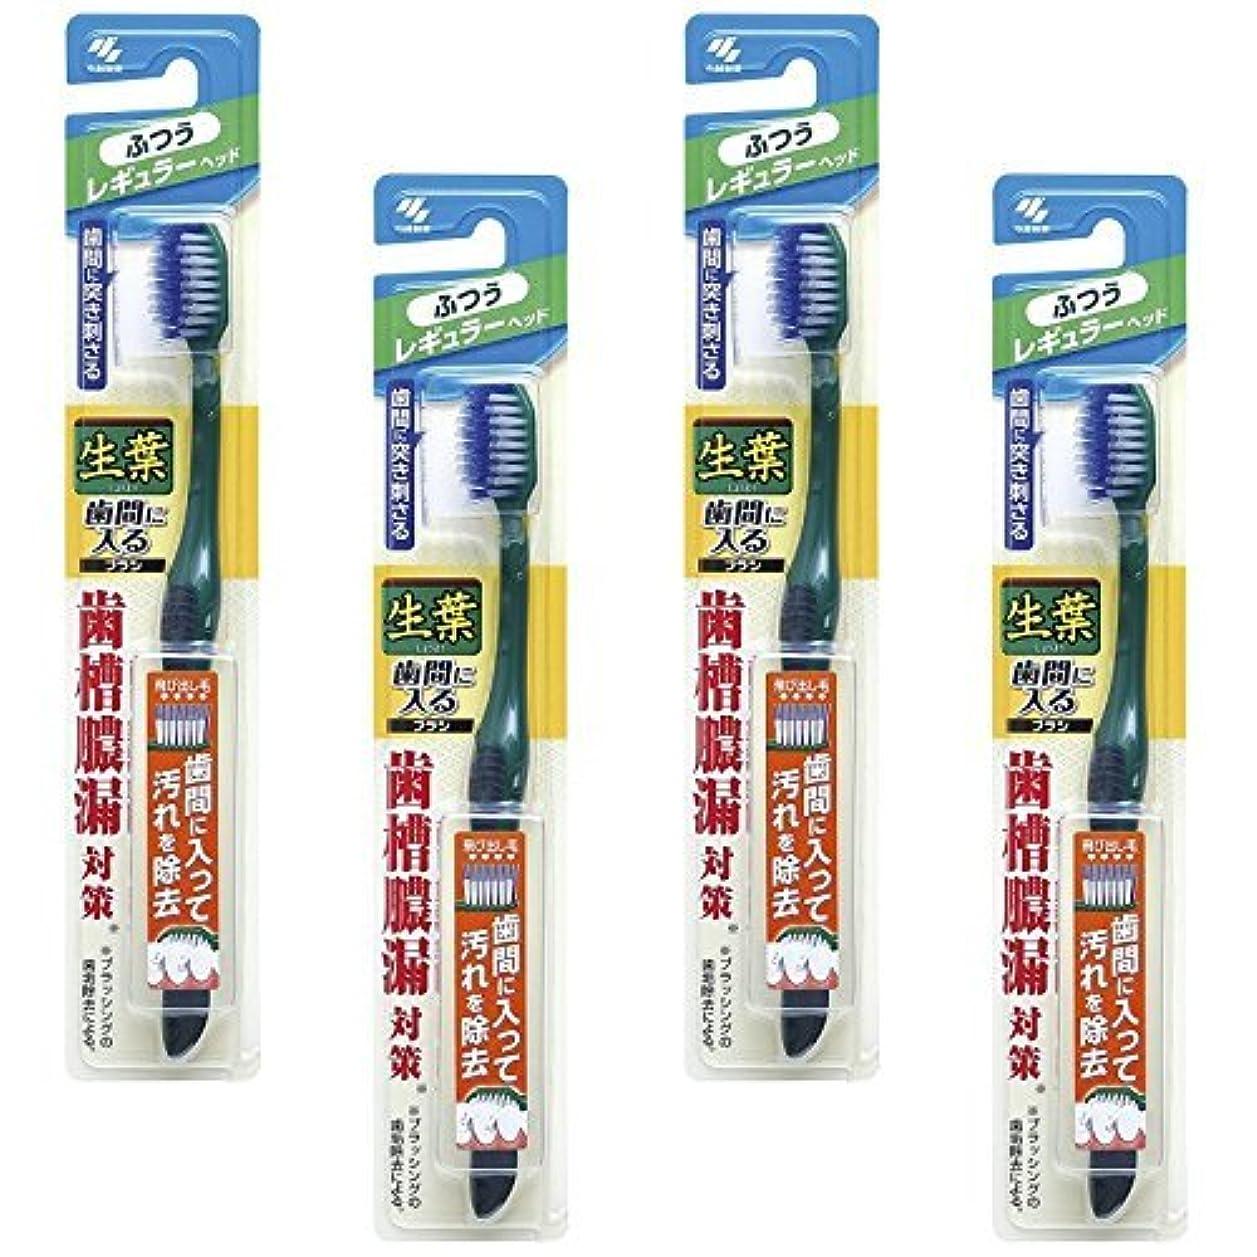 キルスメイエラ香水【まとめ買い】生葉(しょうよう)歯間に入るブラシ 歯ブラシ レギュラー ふつう ×4個